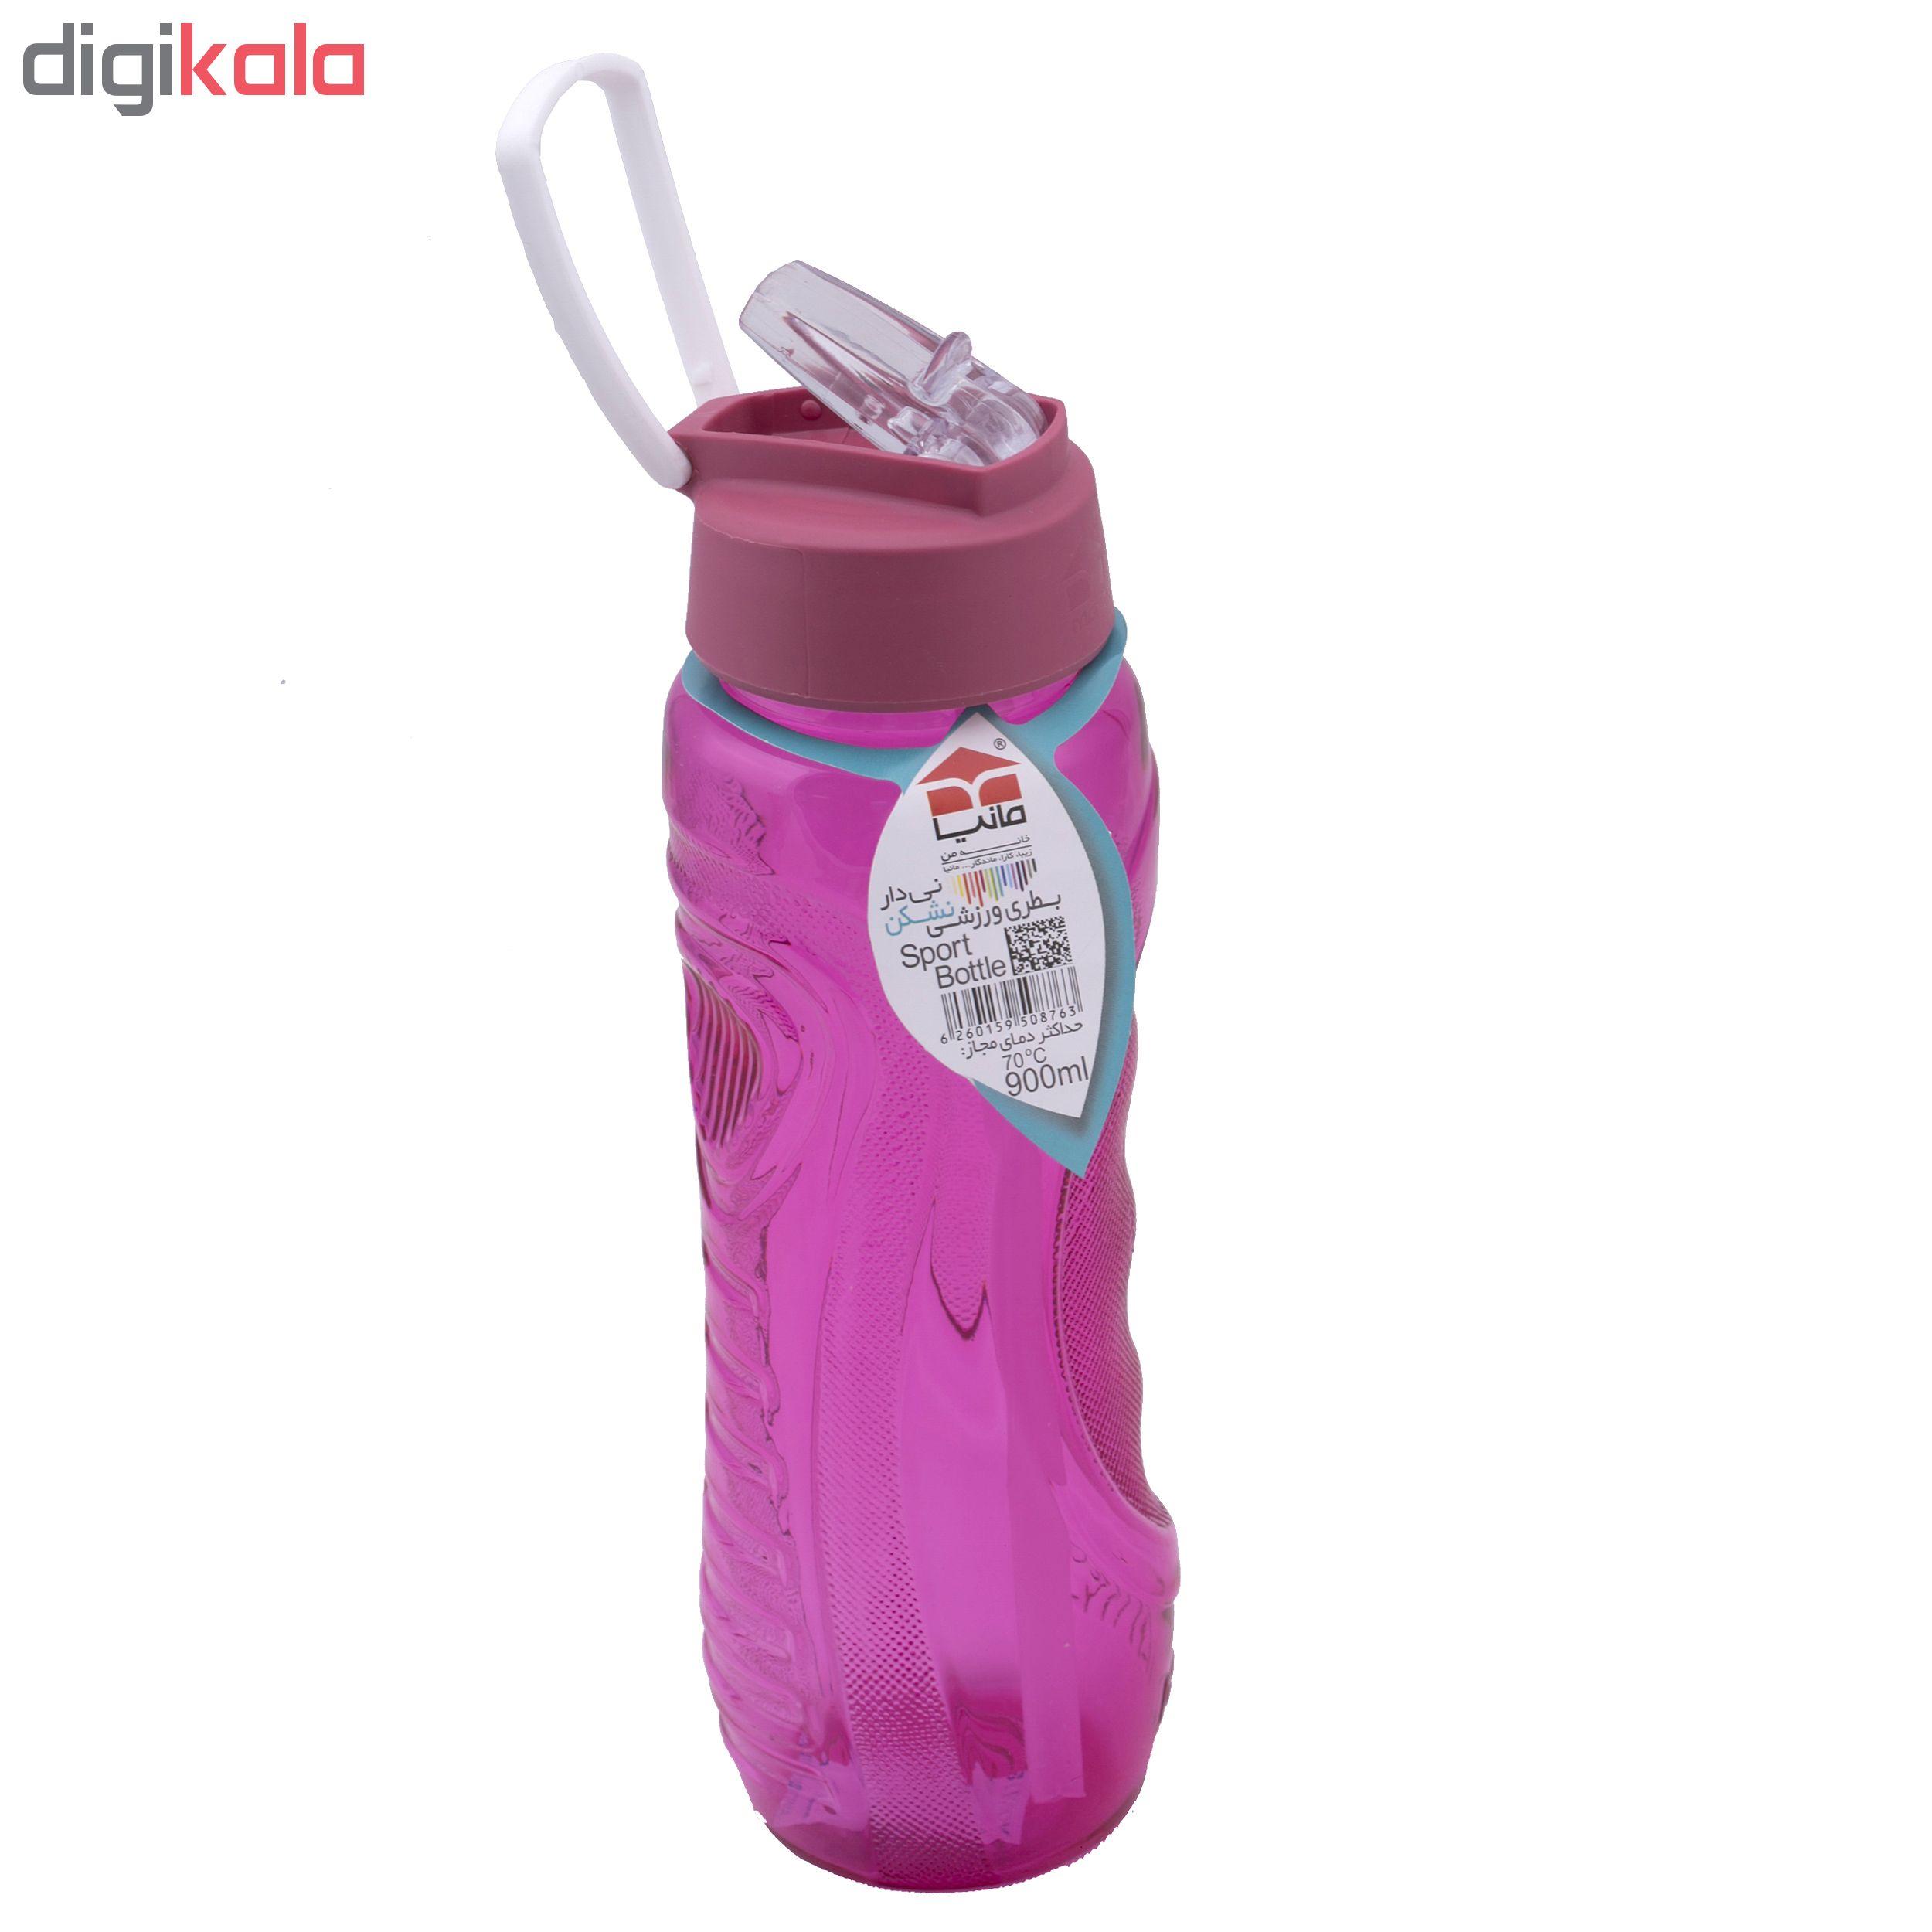 بطری ورزشی نشکن مانیا نی دار بزرگ مدل Mp103111 گنجایش  0.9 لیتر